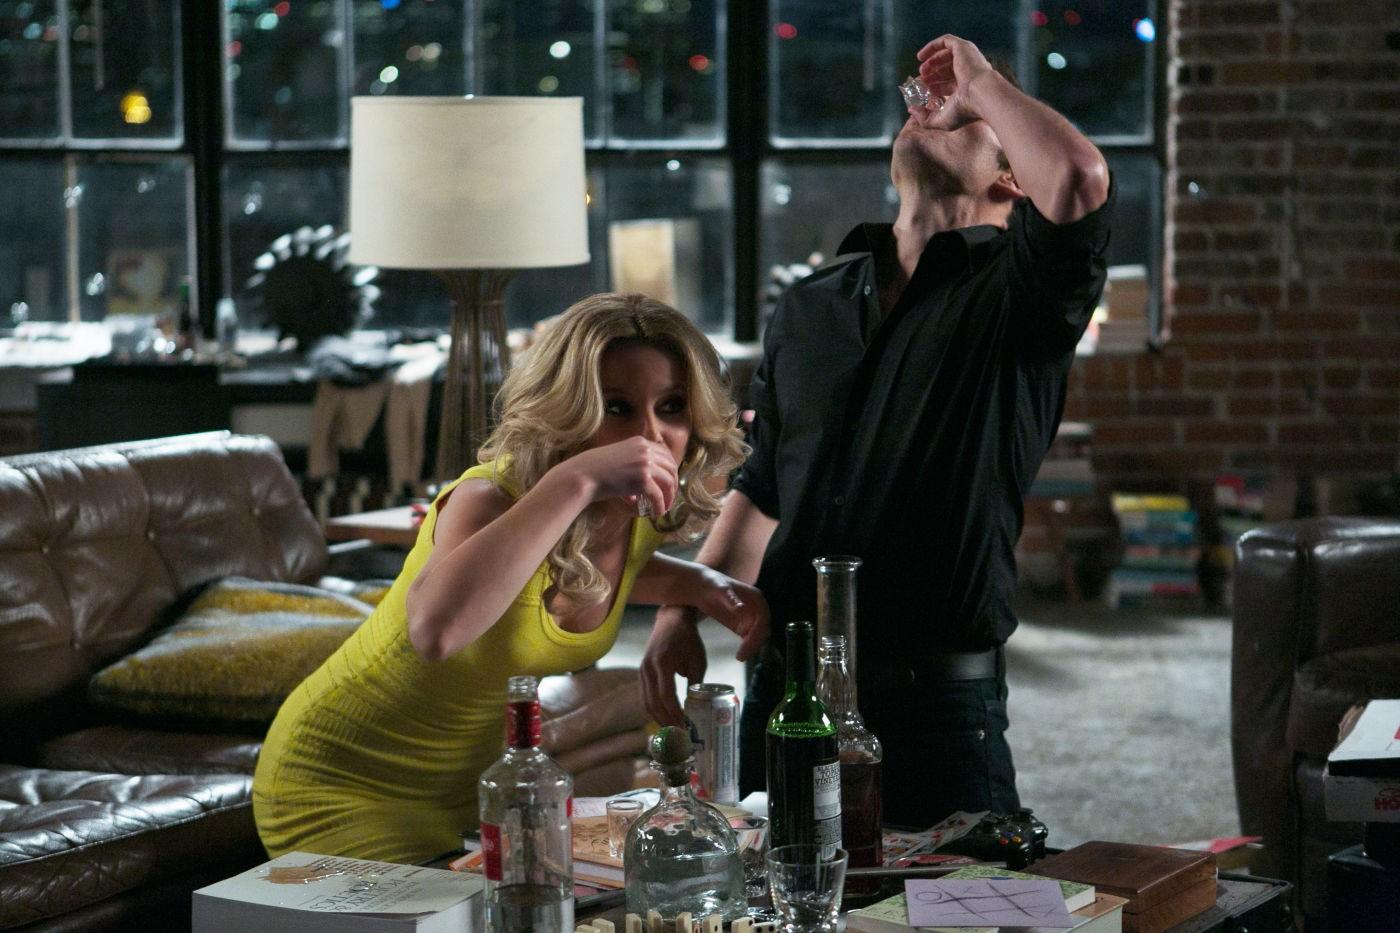 Una notte in giallo: James Marsden si ubriaca con Elizabeth Banks in una scena della commedia